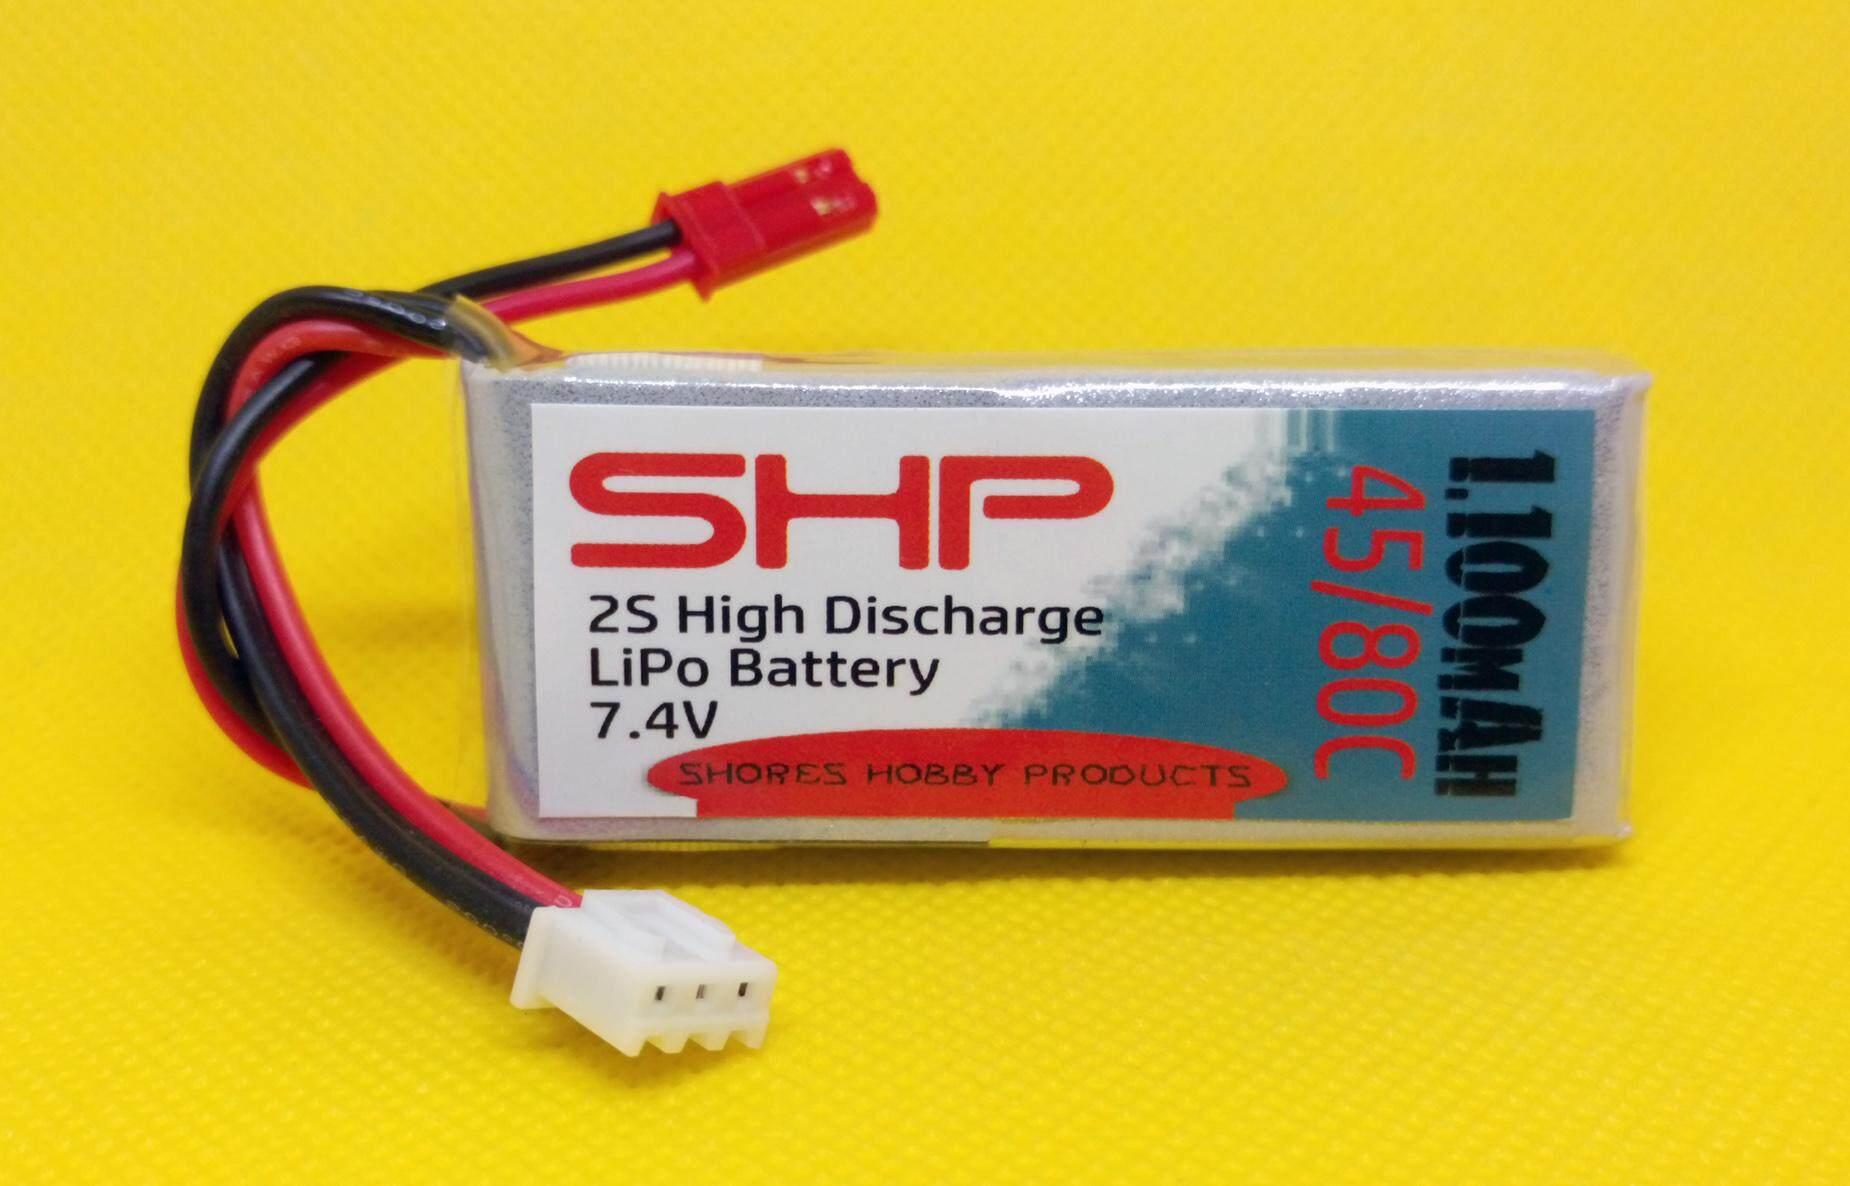 Shp High Output 1,100mah 7.4v 45c/80c 2s Quick Charging Lipo Battery With Xt60 Xt30 Jst Connector Shpเอาต์พุตสูง 1100mah 7.4 V 45c แบตเตอรี่ชาร์จเร็ว Lipo 2s พร้อมขั้วต่อ Xt-60.